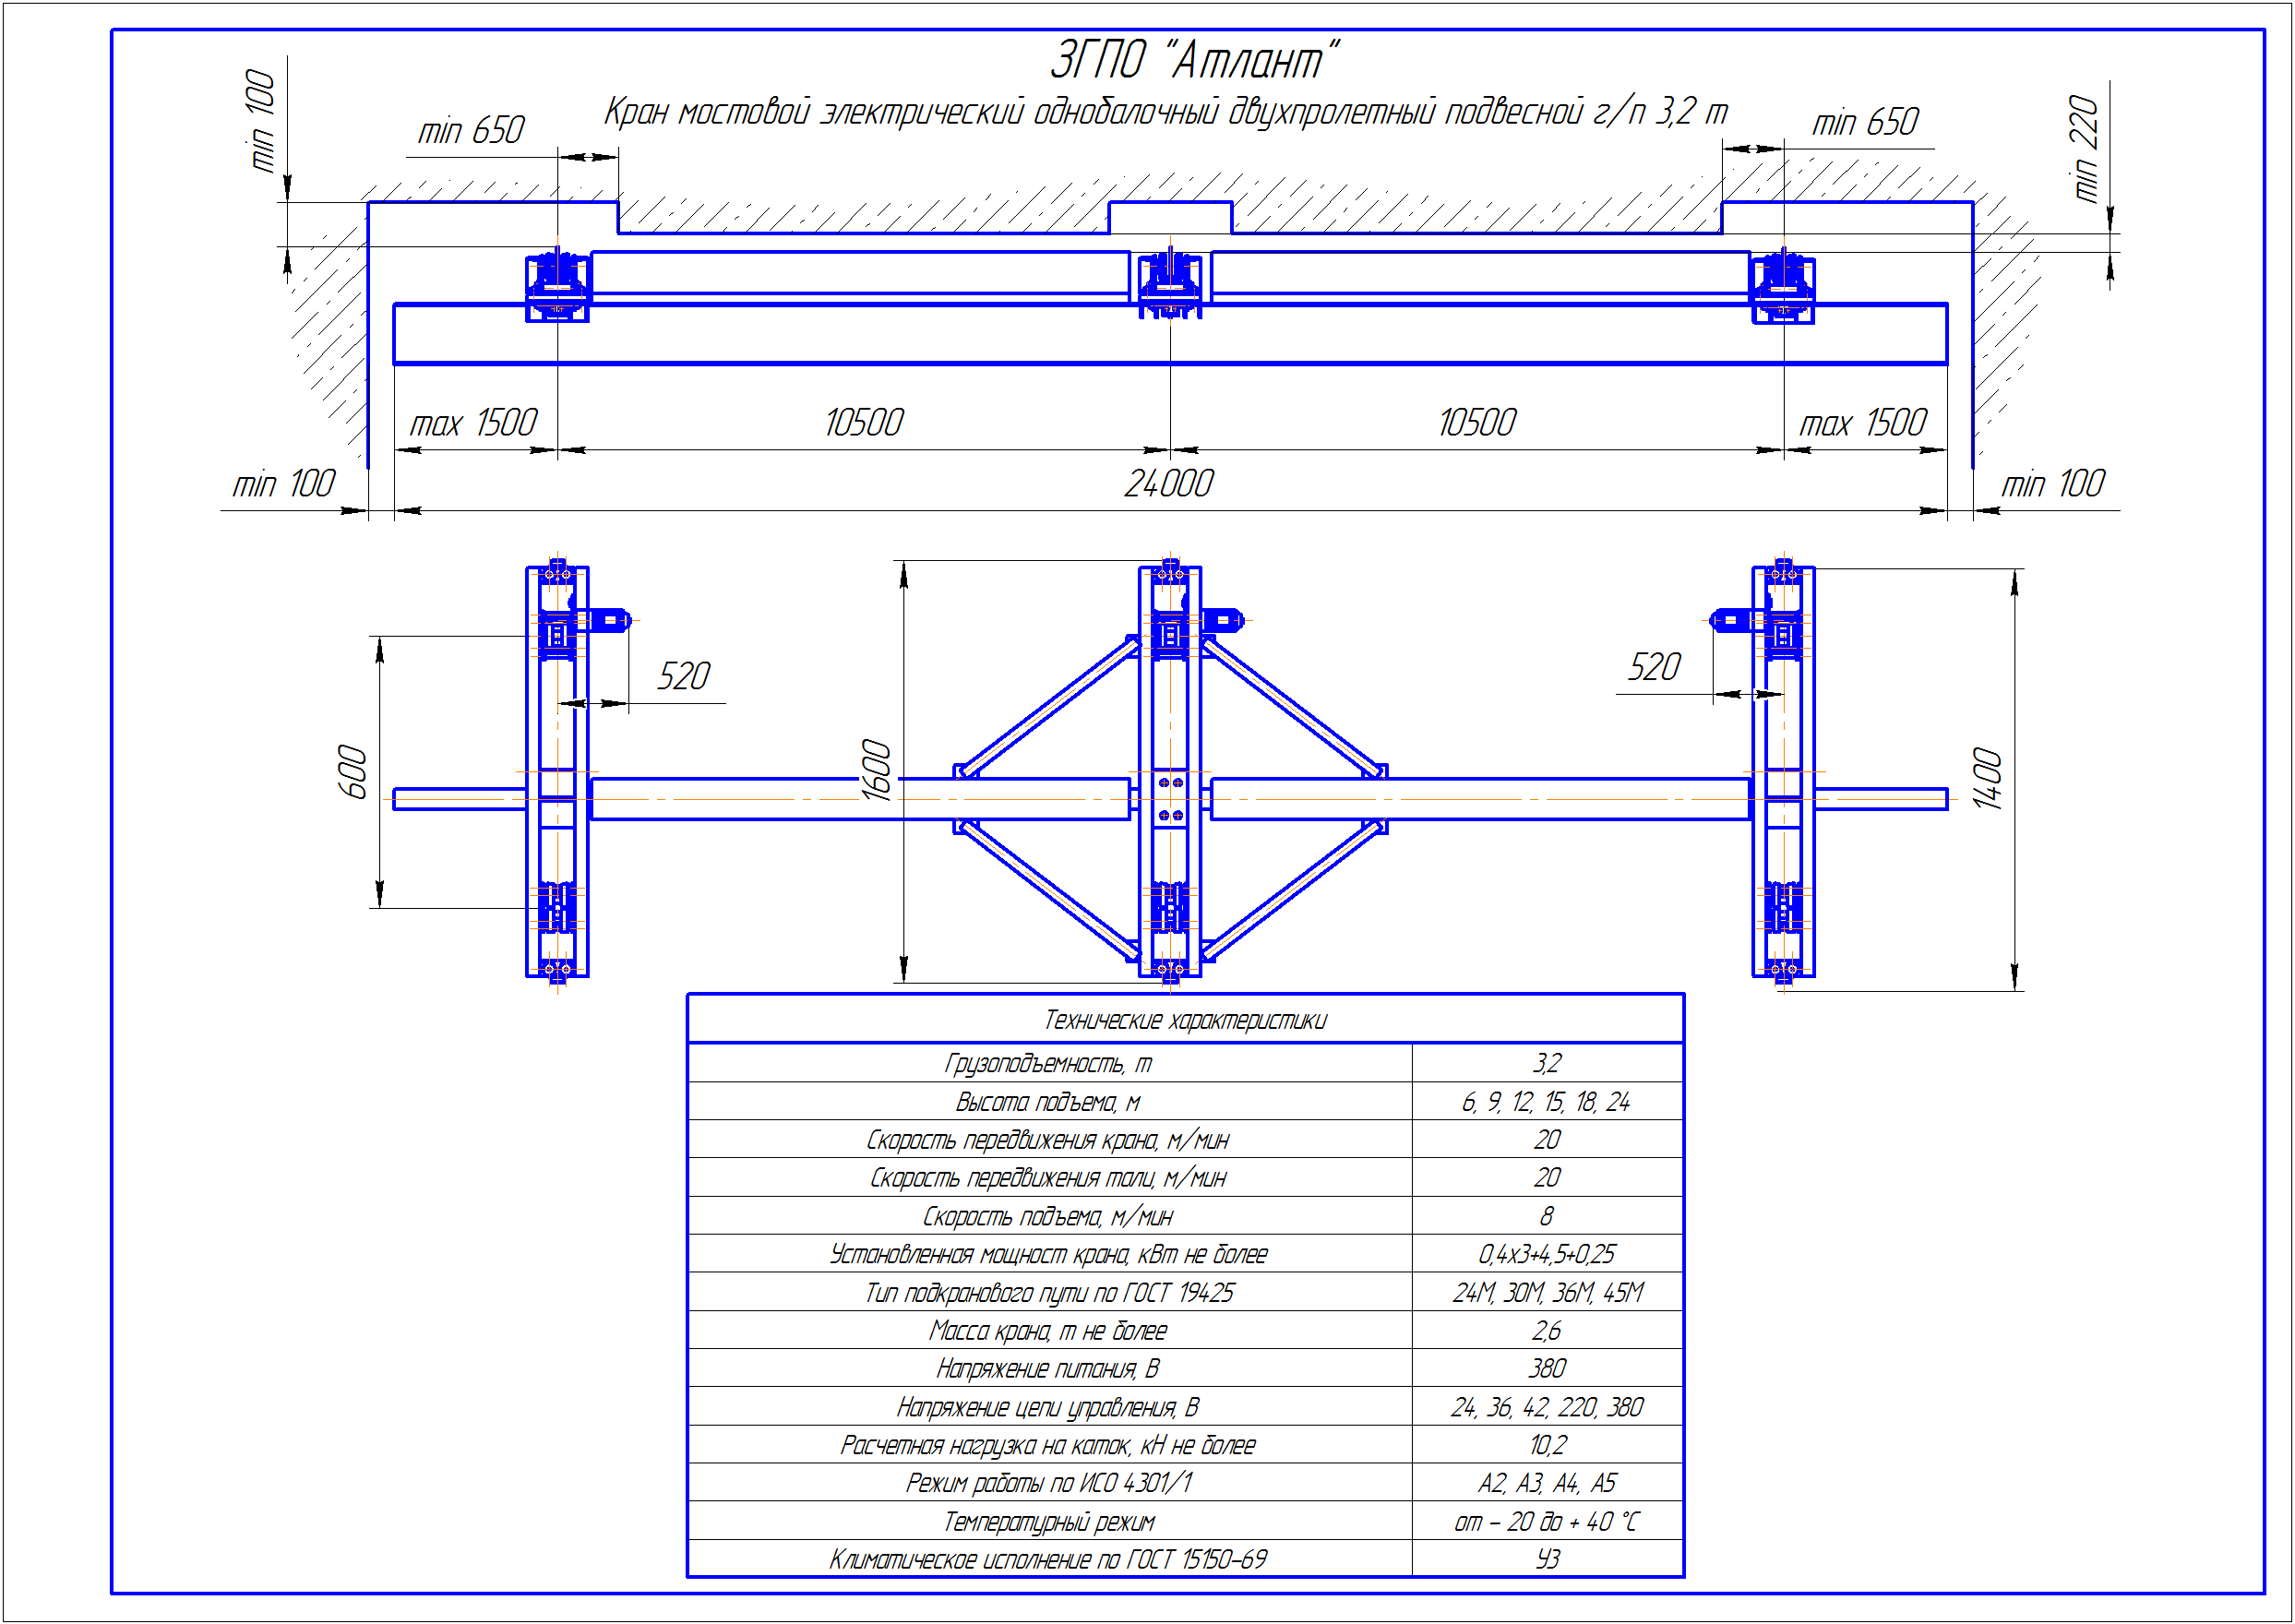 KBPD 3 3 - Подвесная кран балка двухпролетная